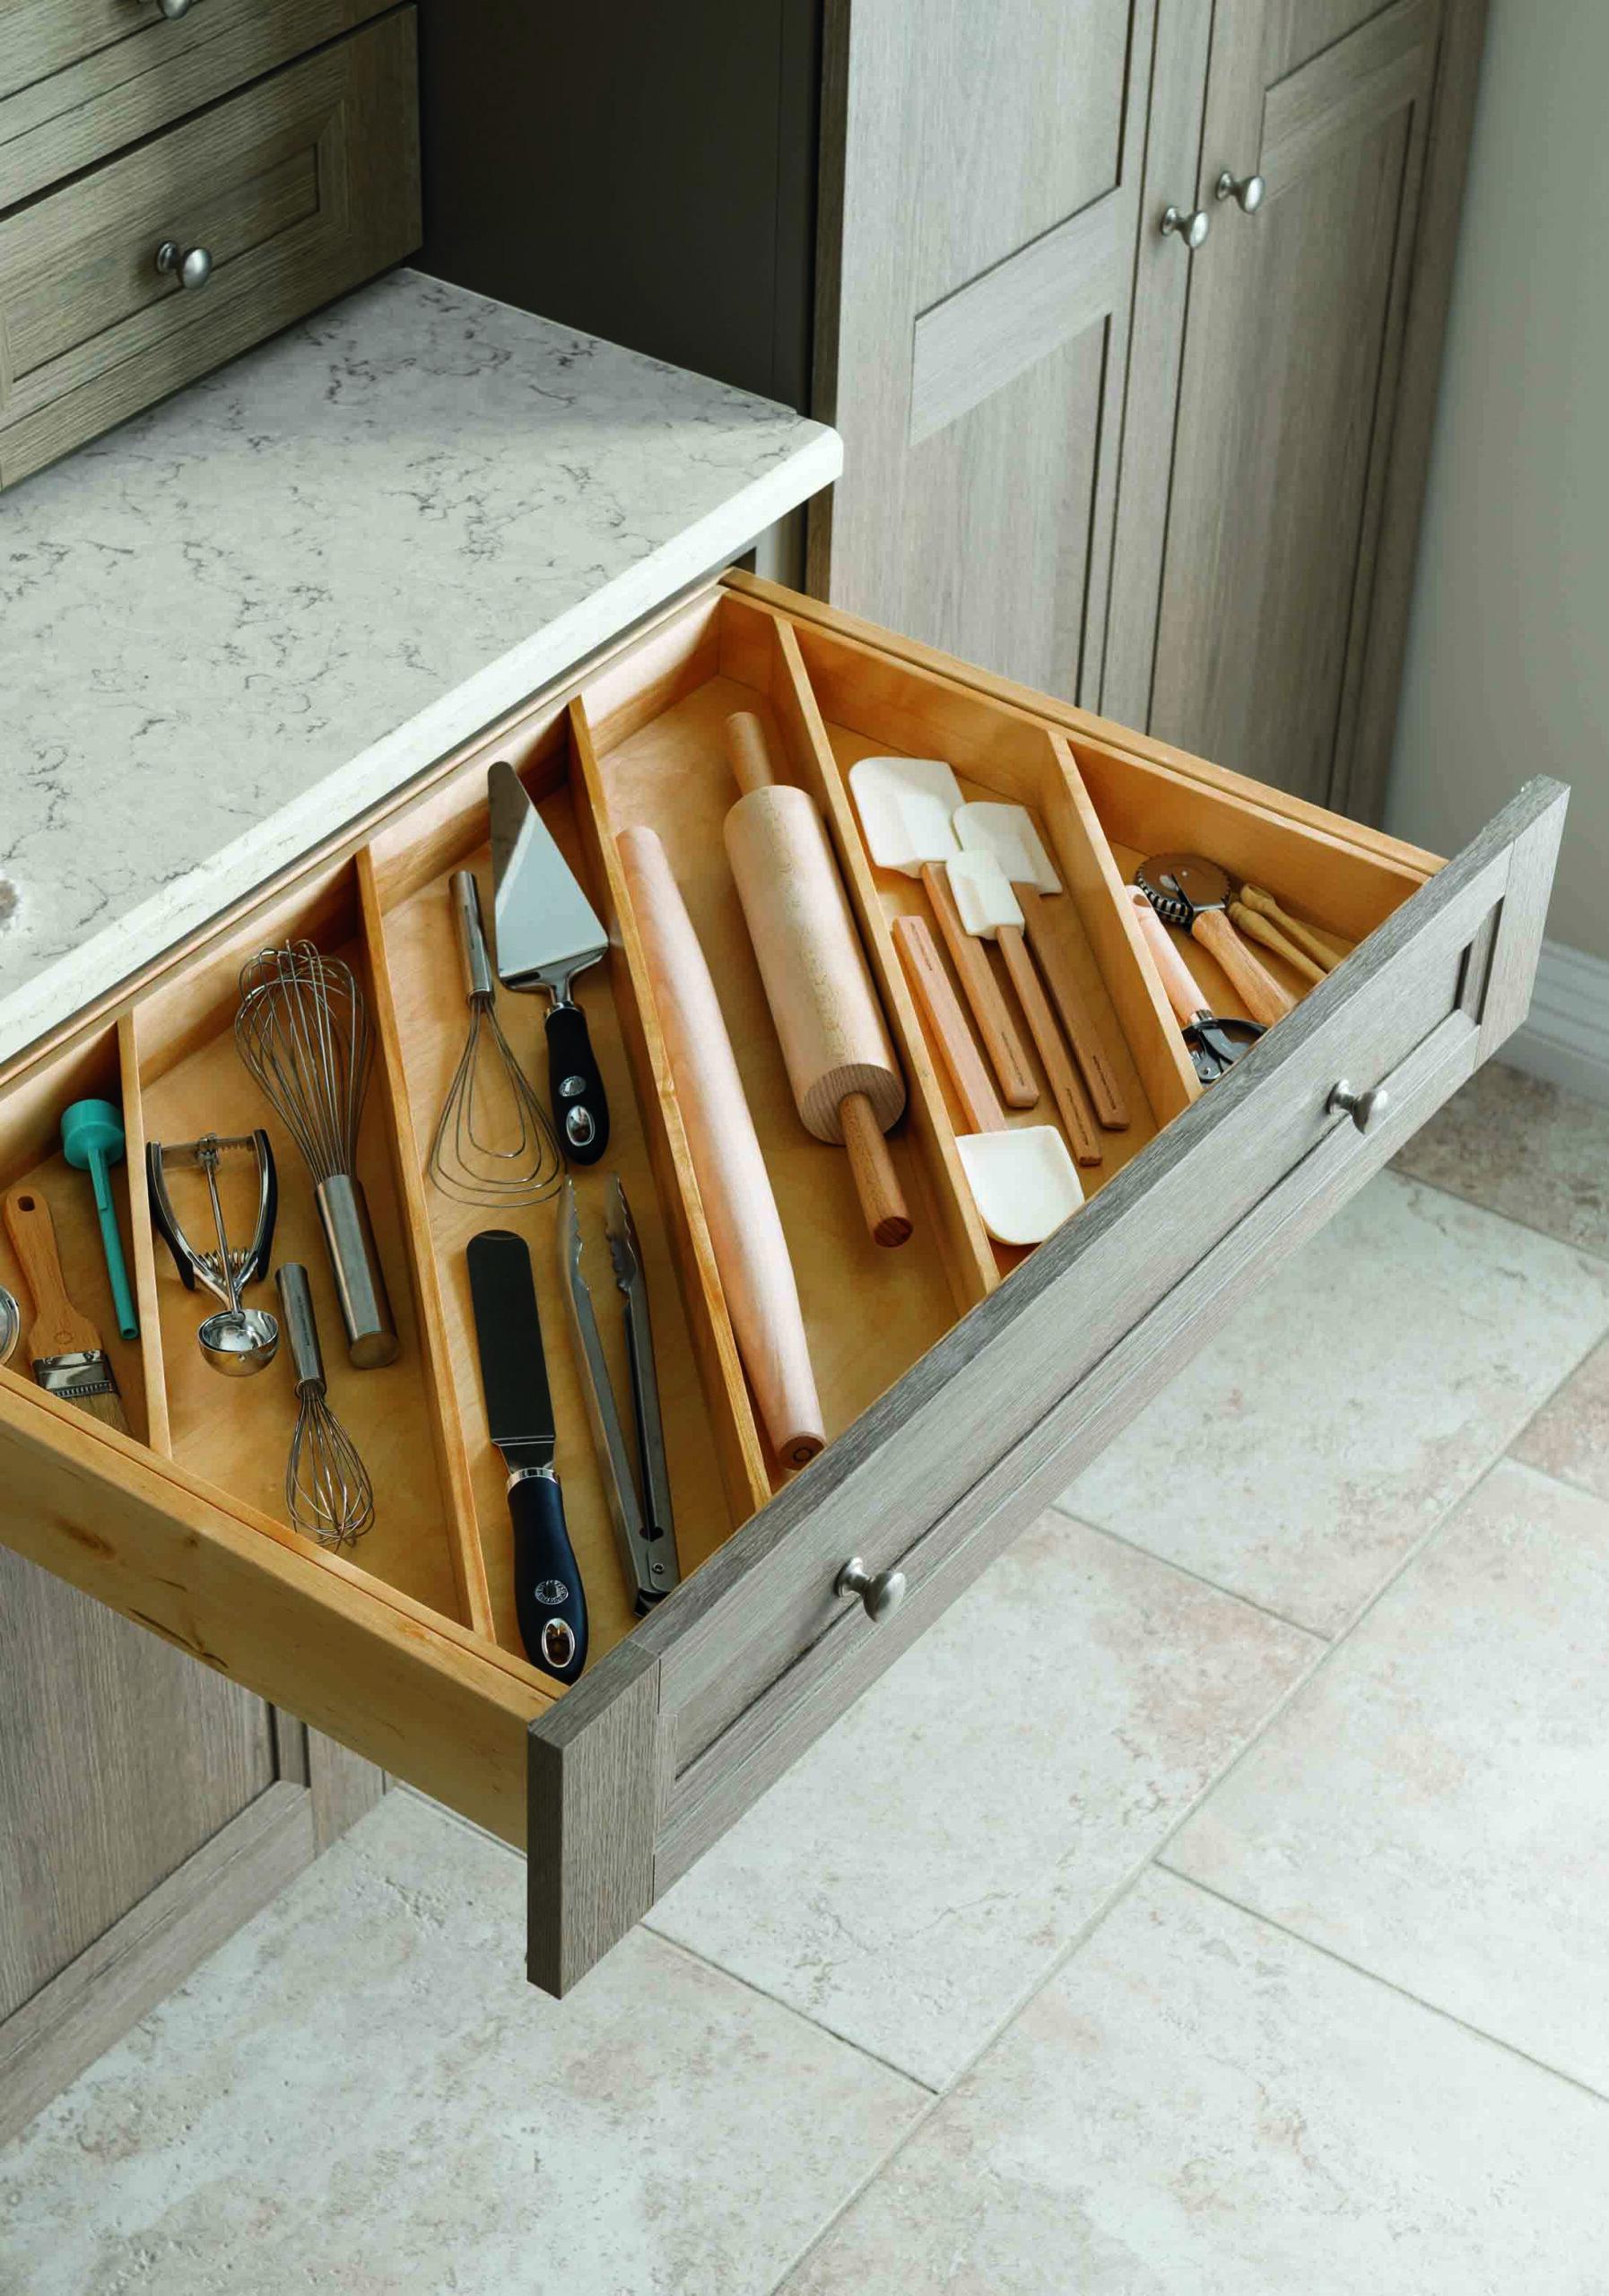 Full Size of Aufbewahrung Küchenutensilien Sie Kennen Das Sicher Auch Im Besteckkasten Ist Kein Platz Fr Aufbewahrungsbehälter Küche Aufbewahrungssystem Aufbewahrungsbox Wohnzimmer Aufbewahrung Küchenutensilien